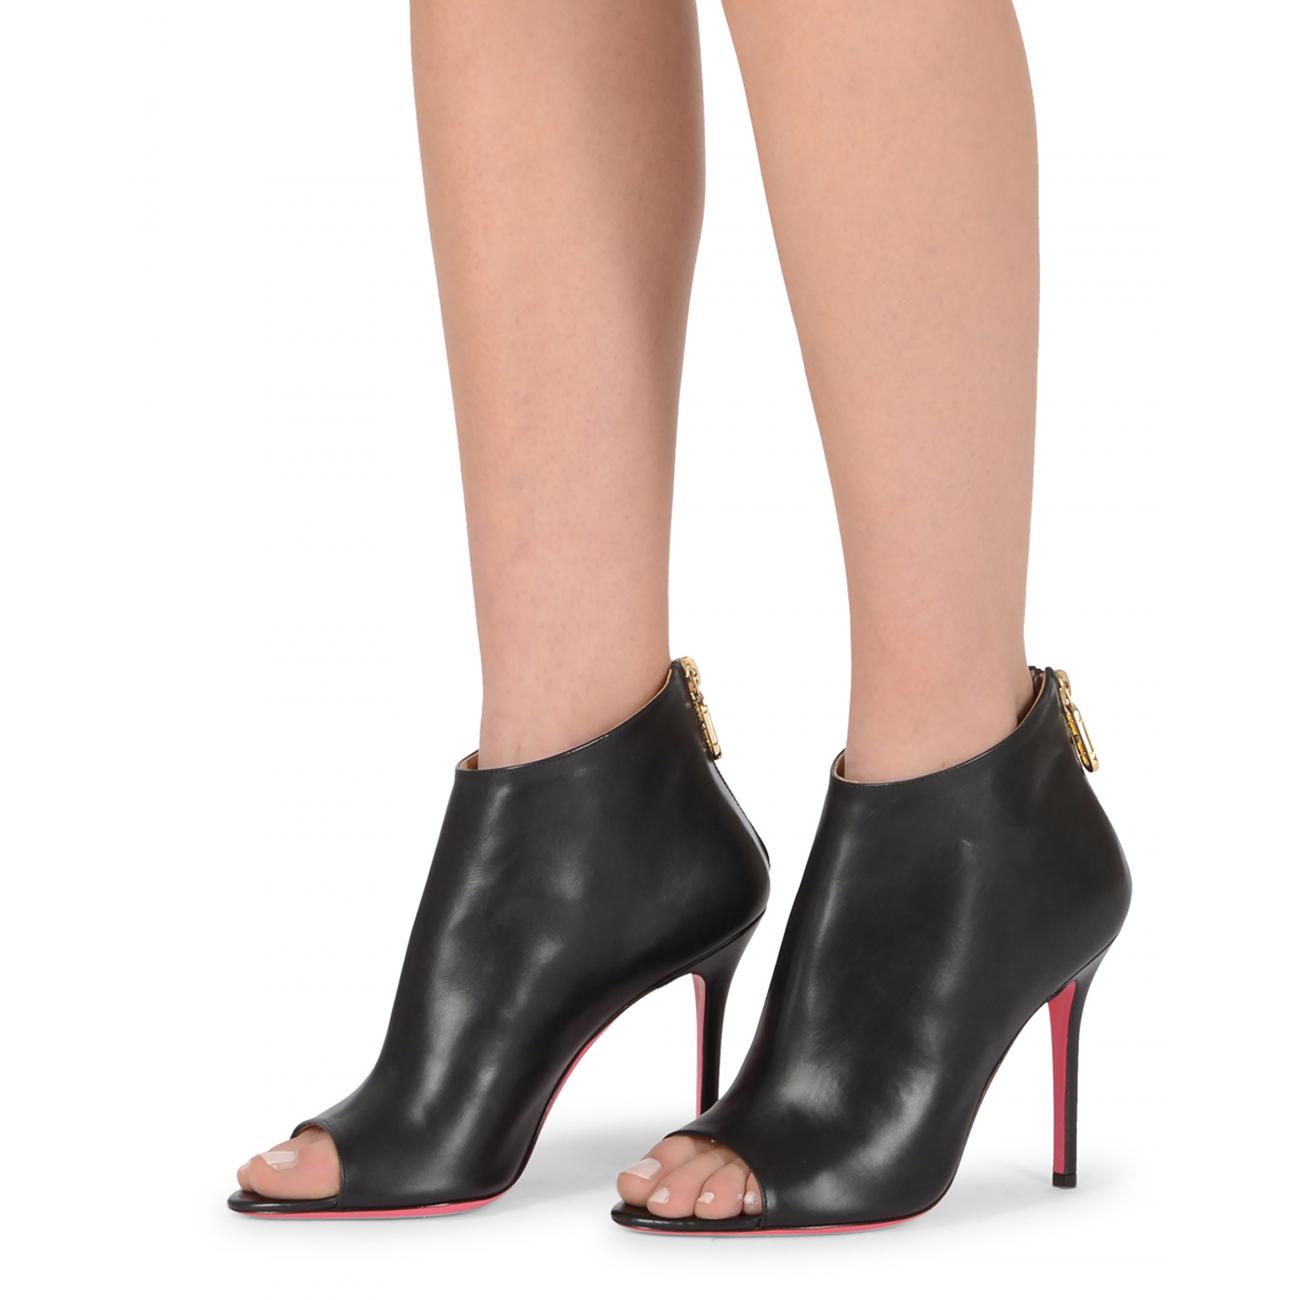 Dee Ocleppo Women's Ankle Boot Black OC3401 NAPPA NERO